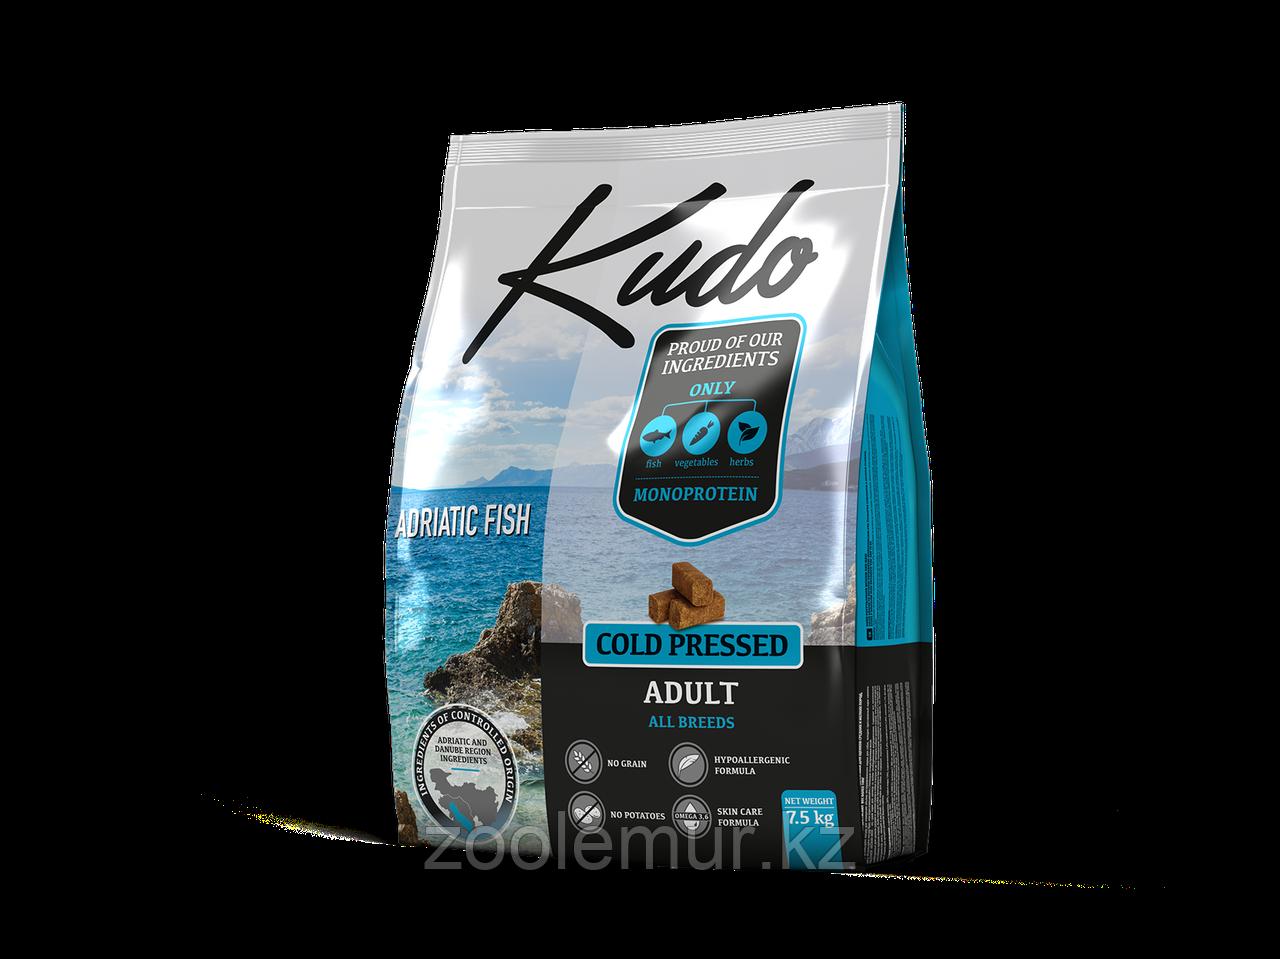 KUDO сухой корм для взрослых собак Адриатическая рыба 7.5 кг